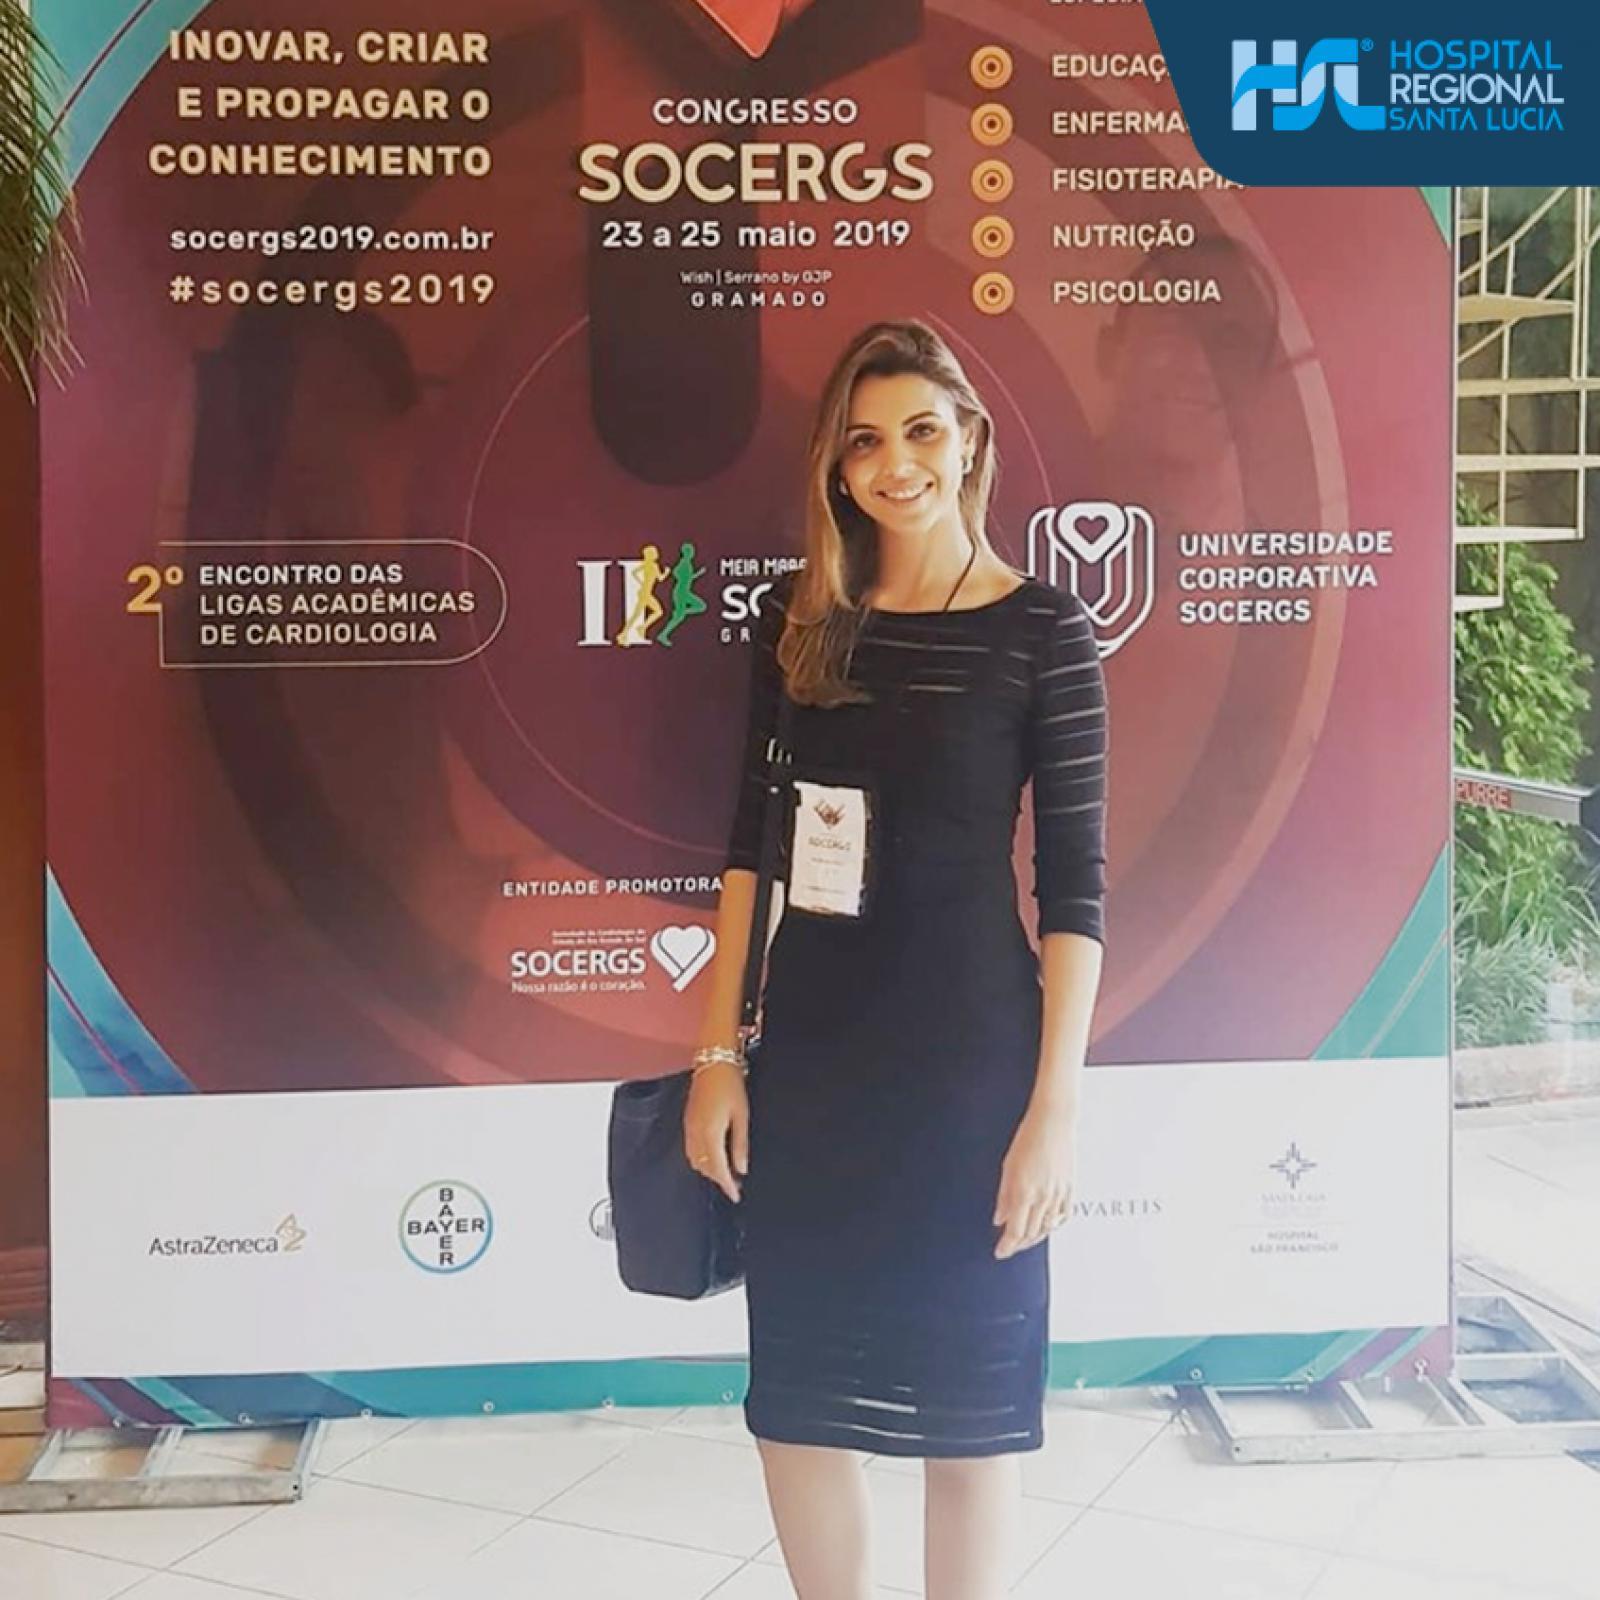 Inovar, criar e propagar o conhecimento - HSL participa do SOCERGS